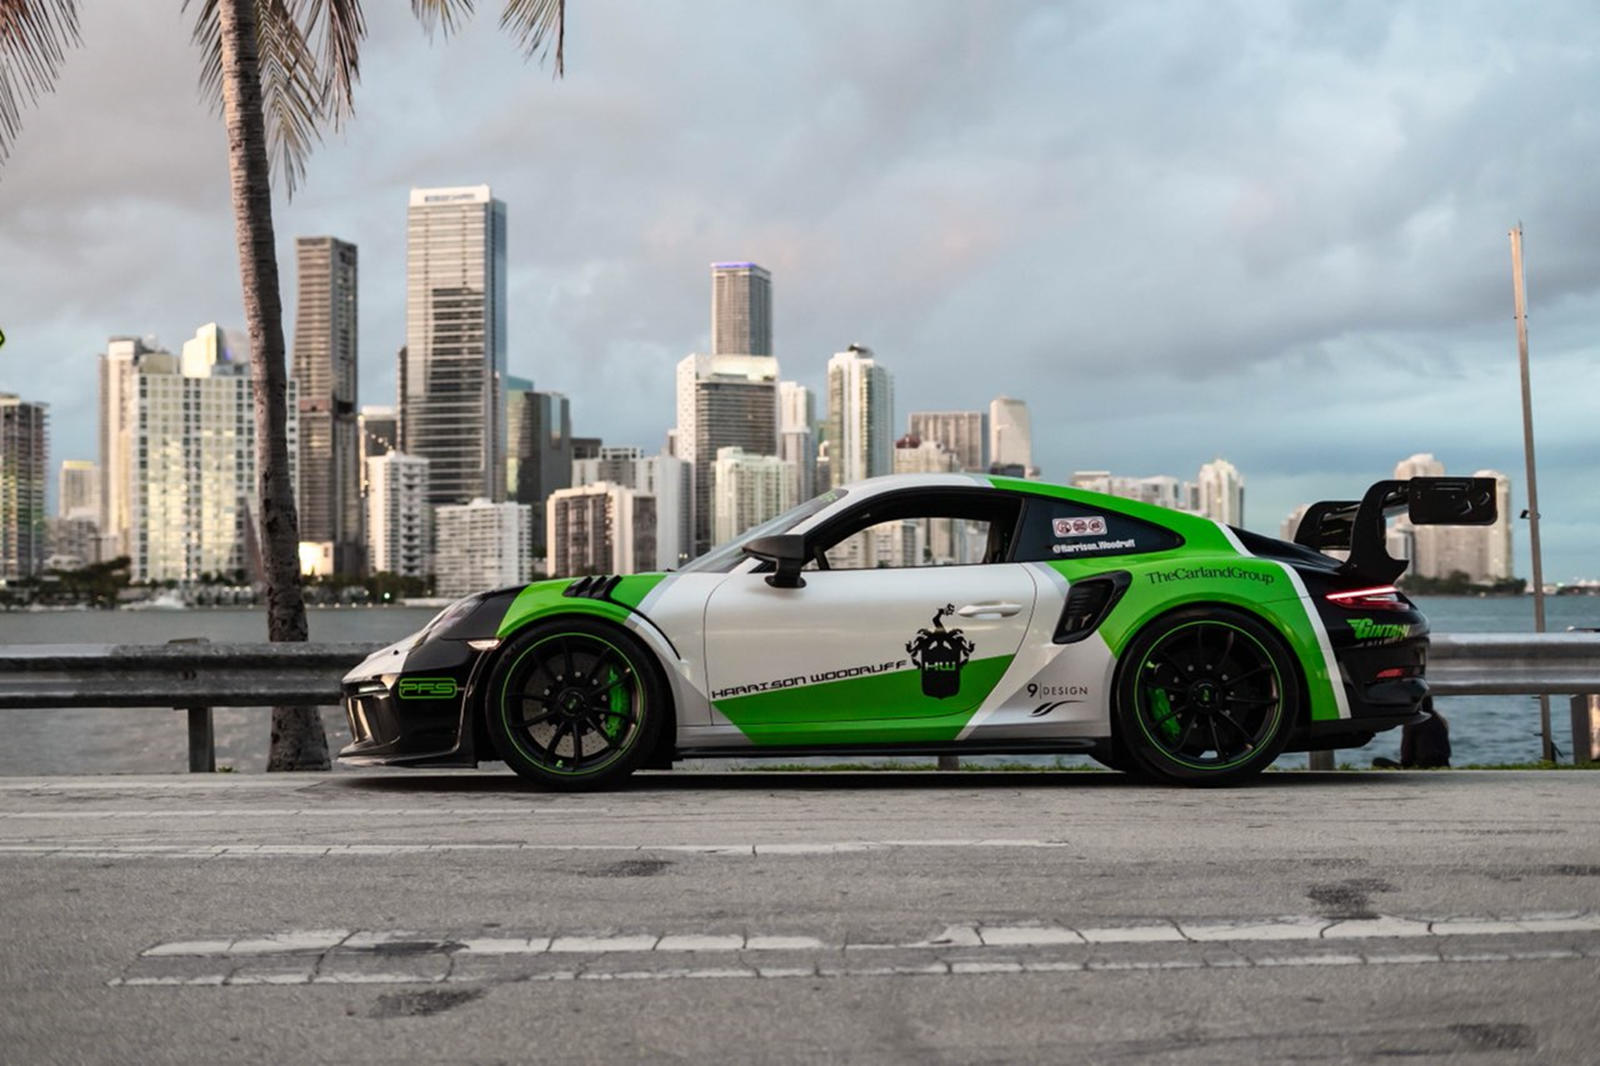 1016 Industries дополнительно улучшил внешний вид автомобиля с помощью набора колес, которые были разработаны специально для этого проекта. Внутри GMG x 1016 Industries GT3 RS видны тормозные суппорты Lizard Green, дополненные интерьерными акцентами